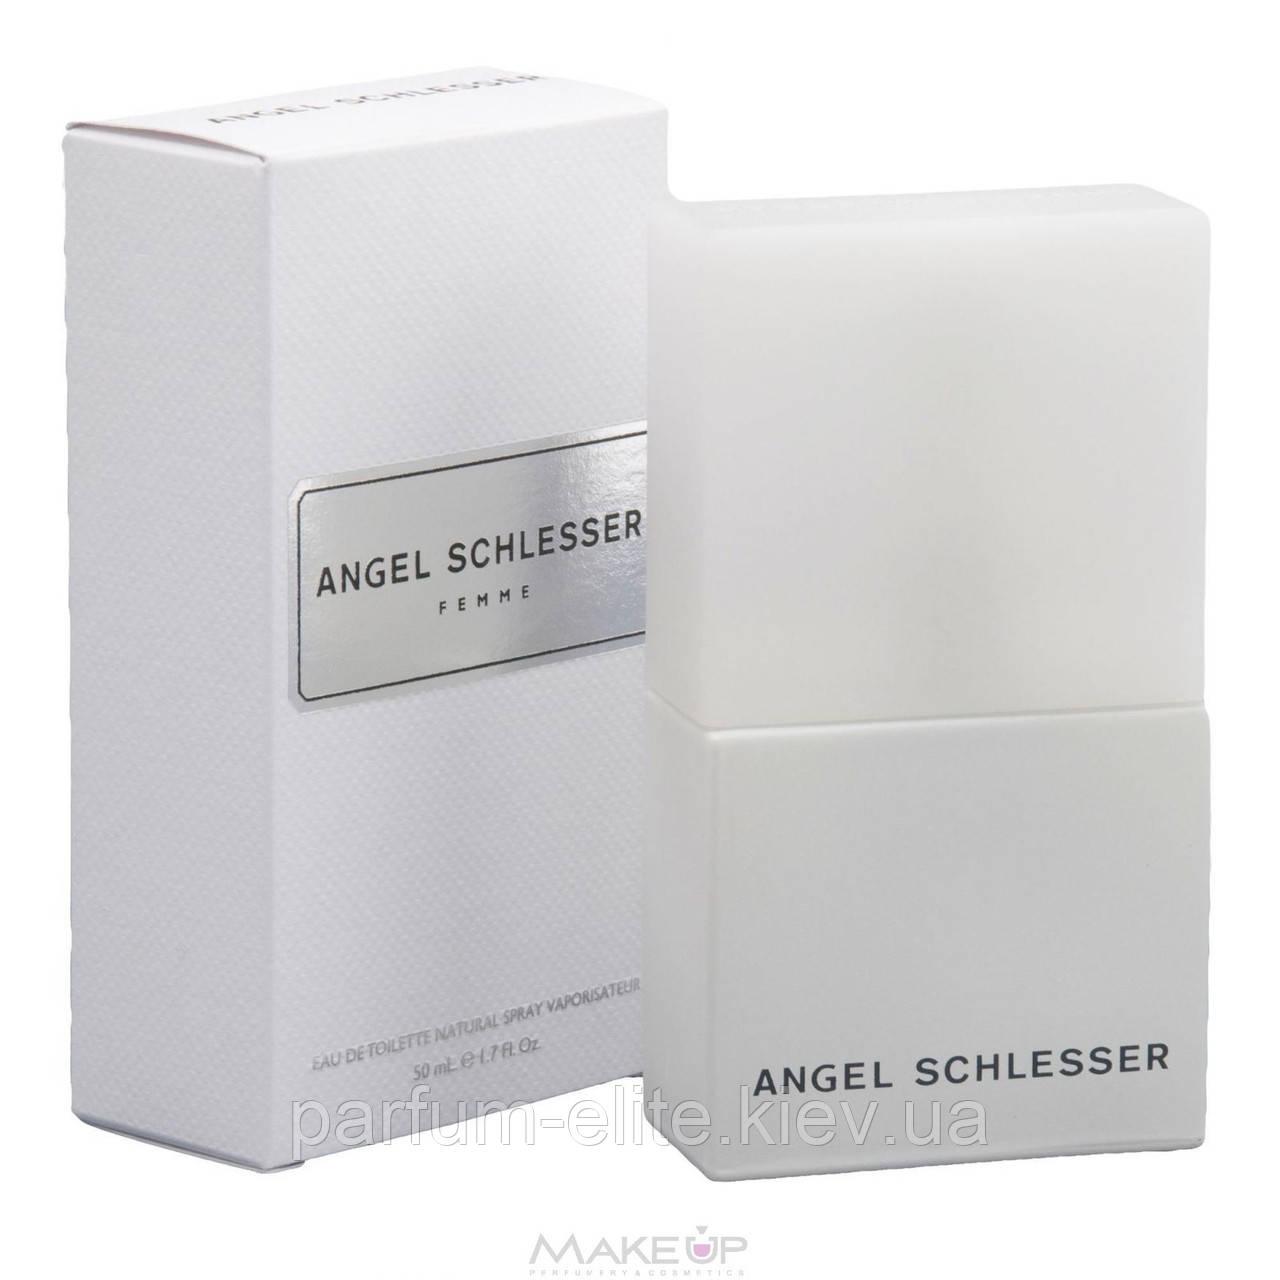 Женская туалетная вода Angel Schlesser Femme 30ml